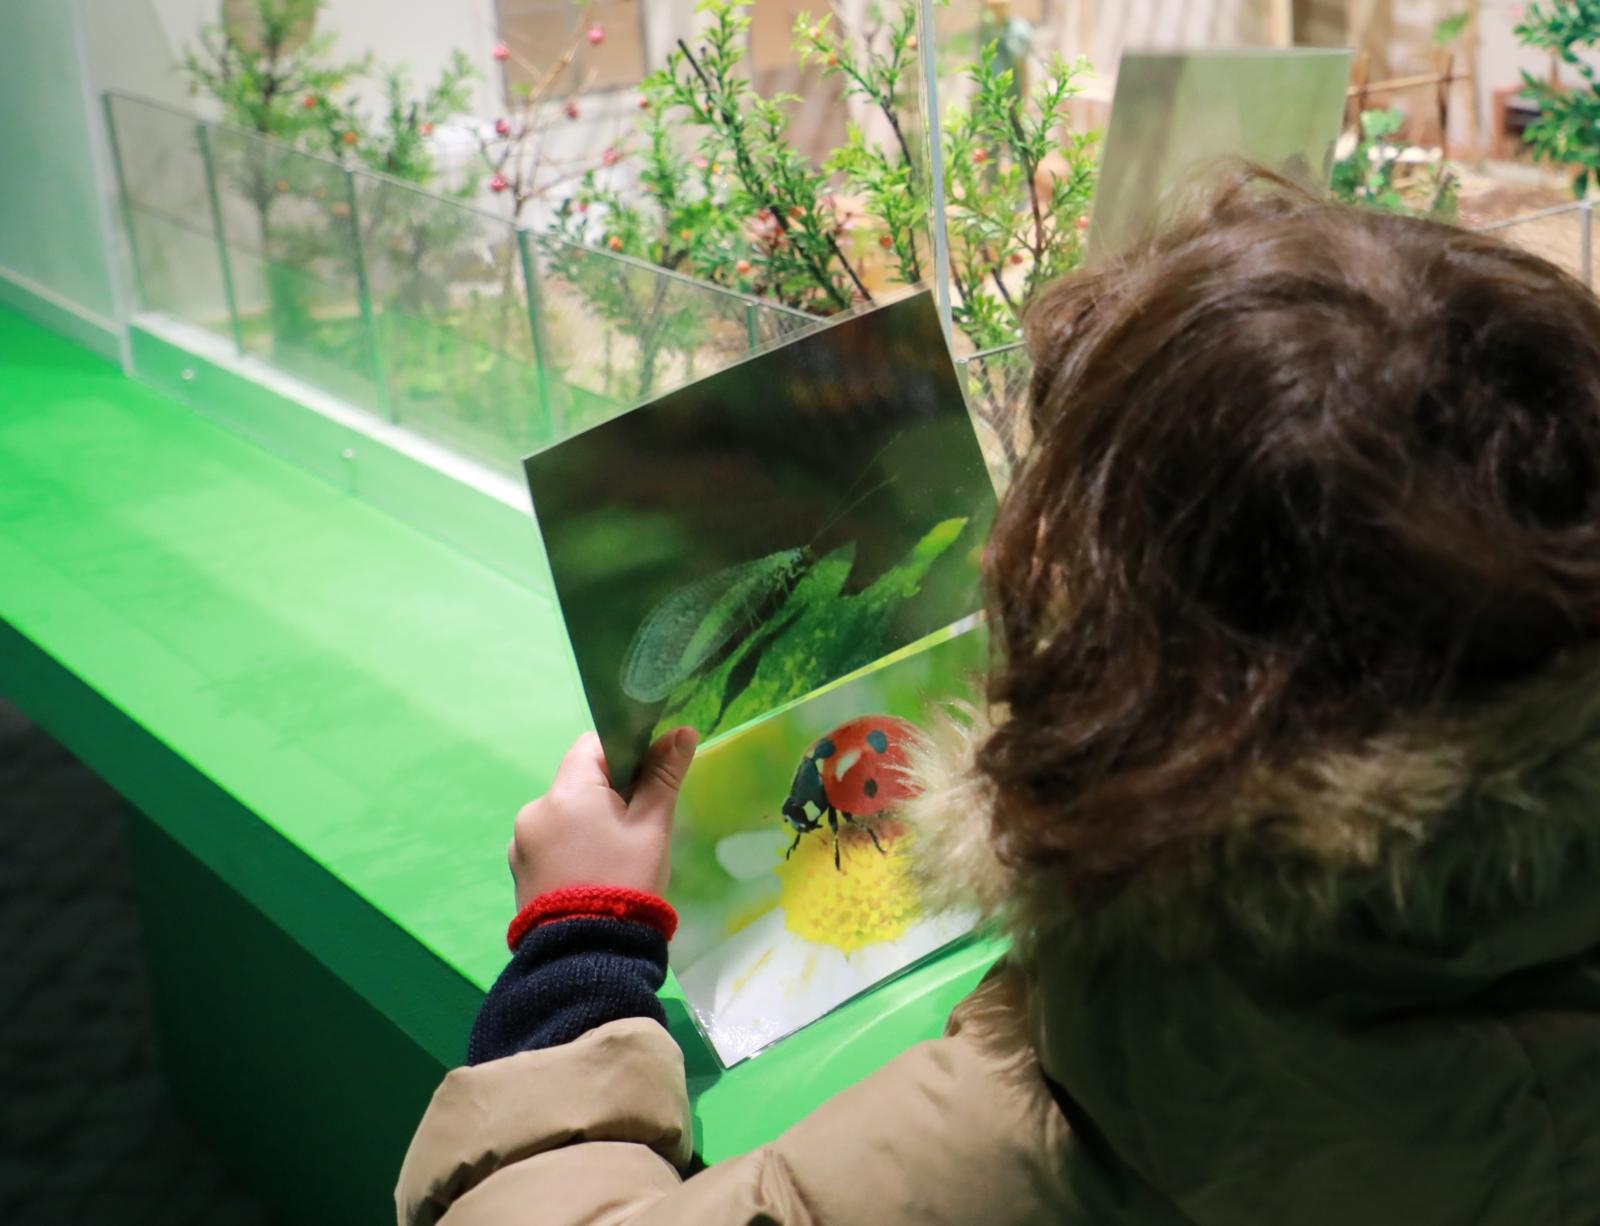 Criança a procurar o inseto que vê na imagem que segura com as mãos